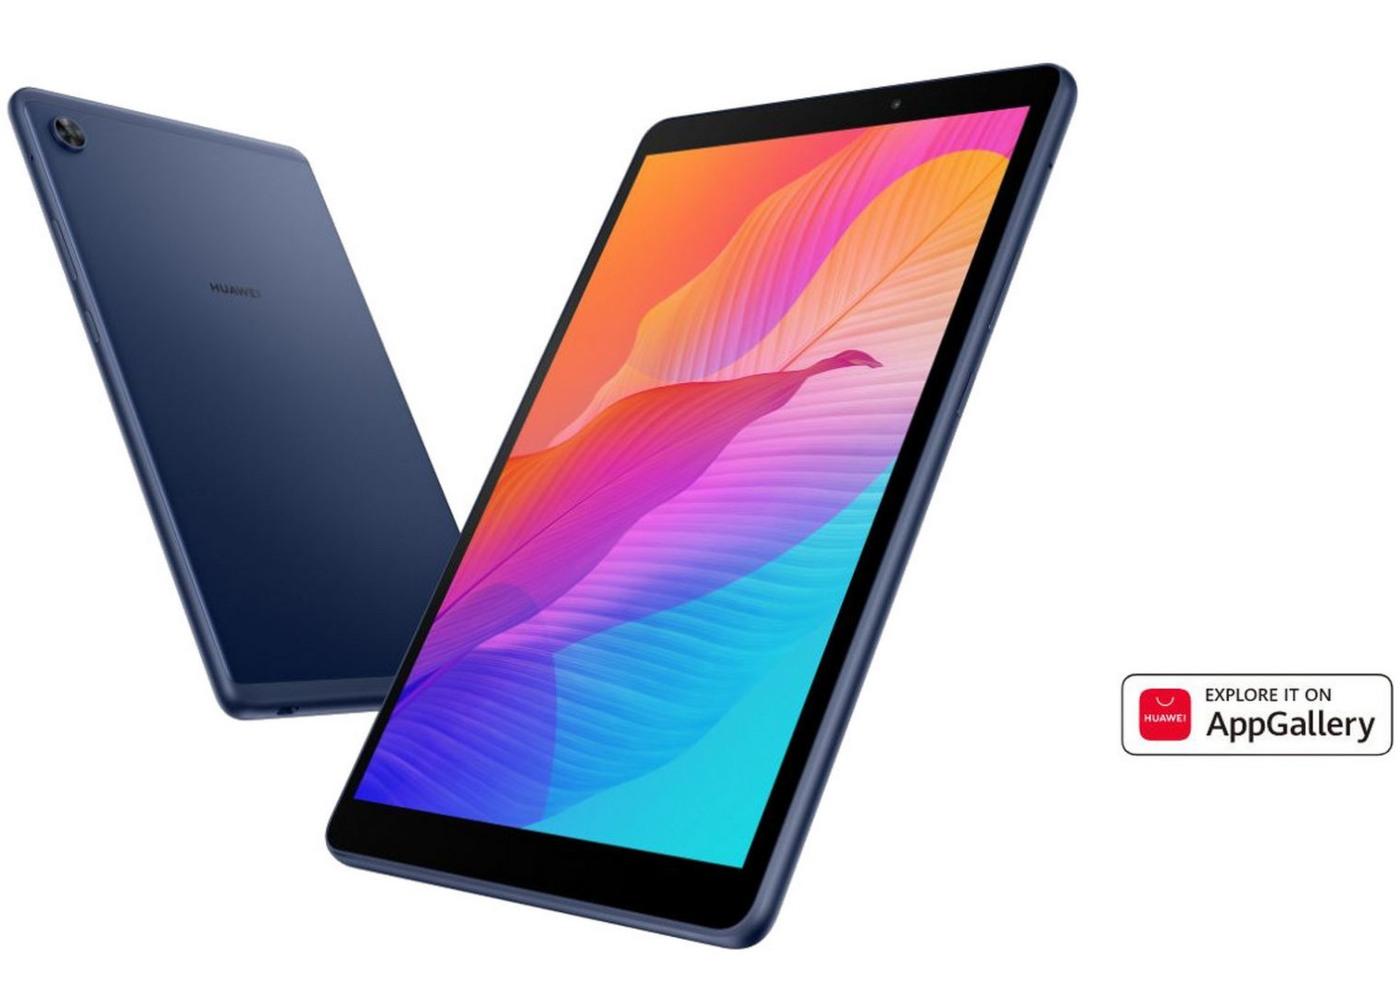 Novo tablet da Huawei